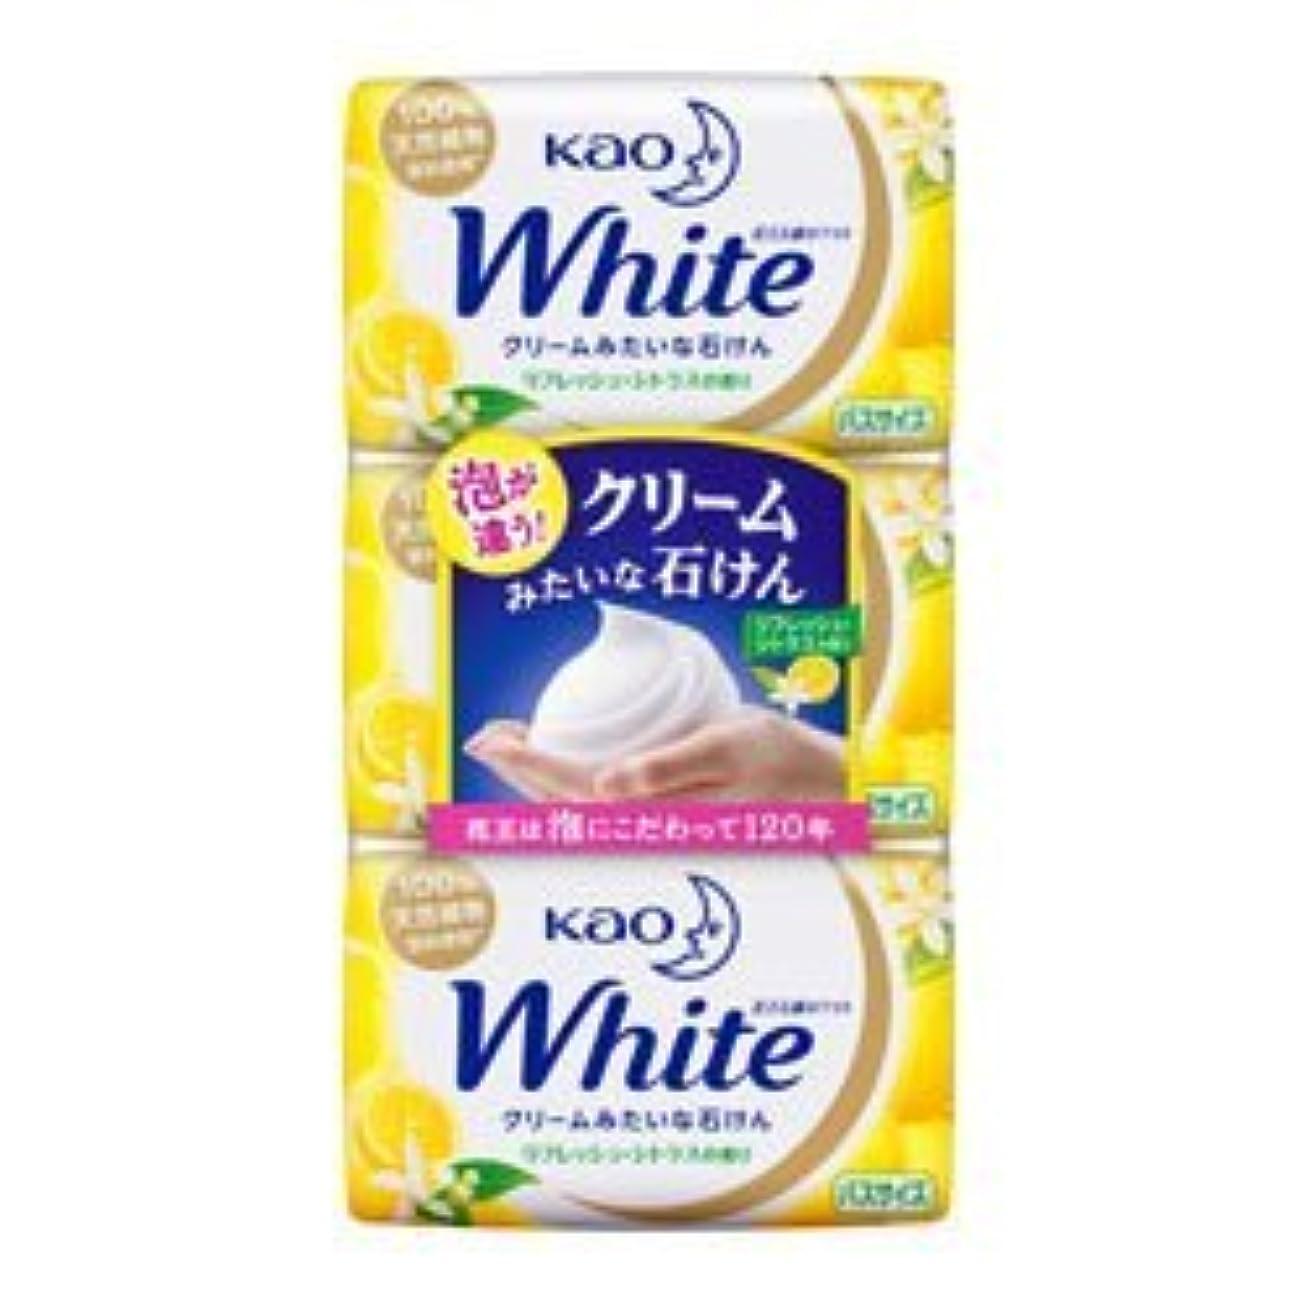 技術的な接尾辞広く【花王】ホワイト リフレッシュ?シトラスの香り バスサイズ 130g×3個入 ×3個セット